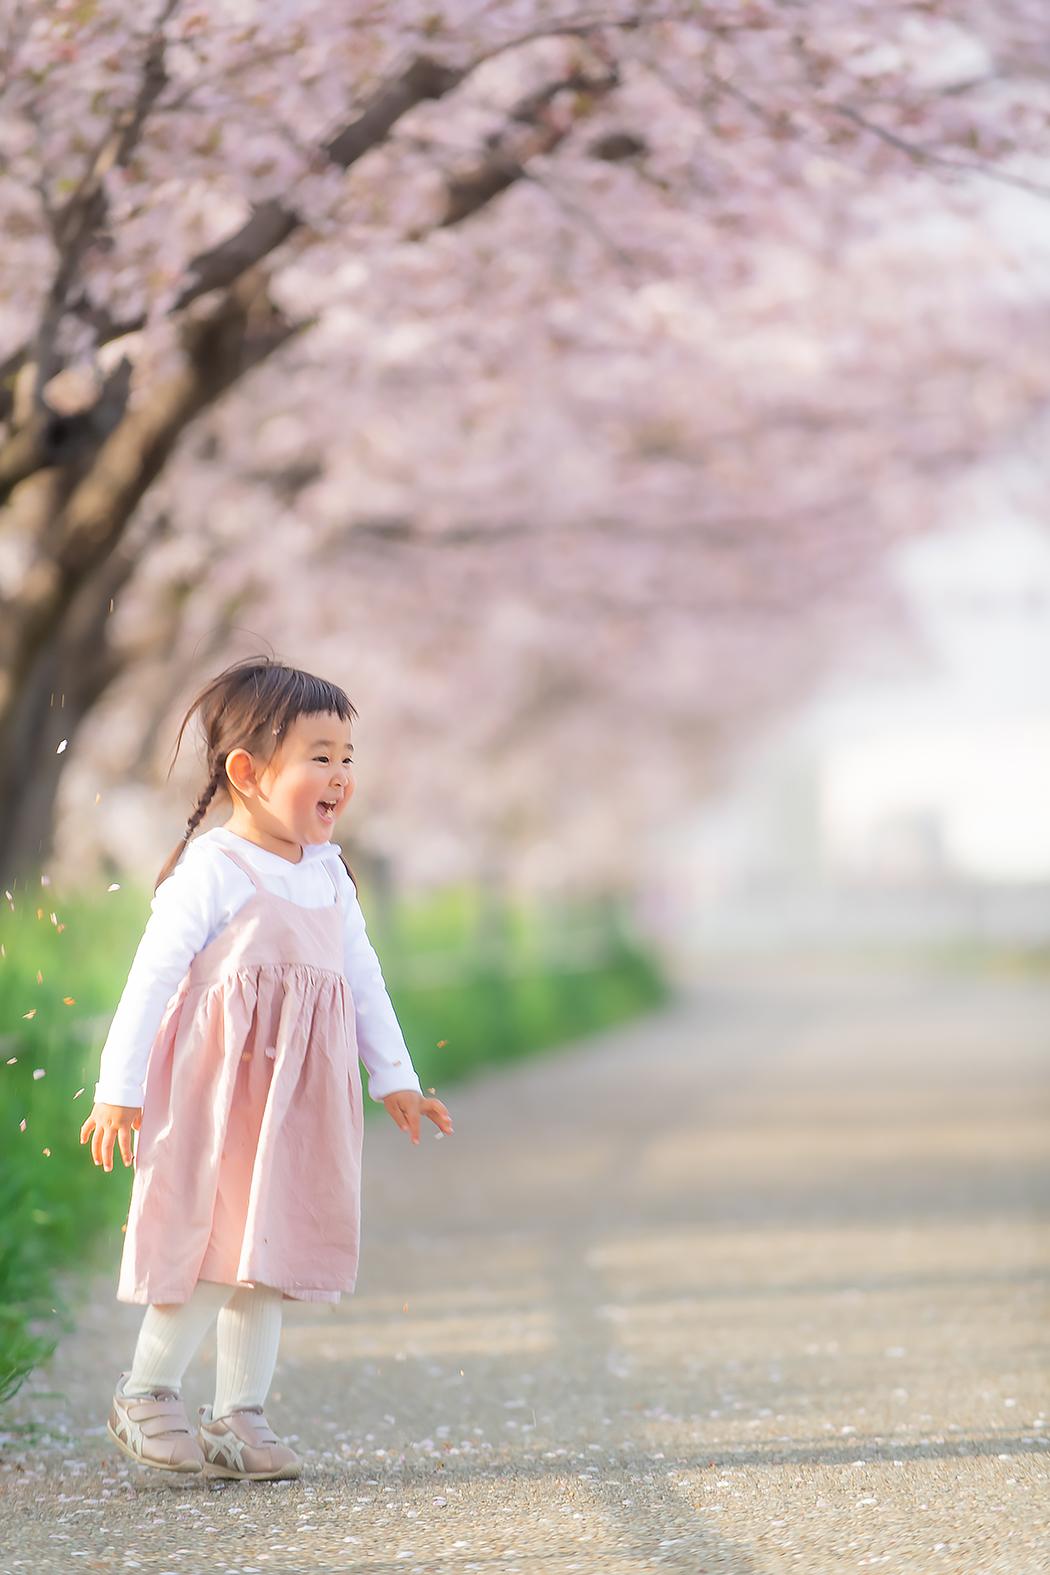 桜 桜フォトキャンペーン キャンペーン